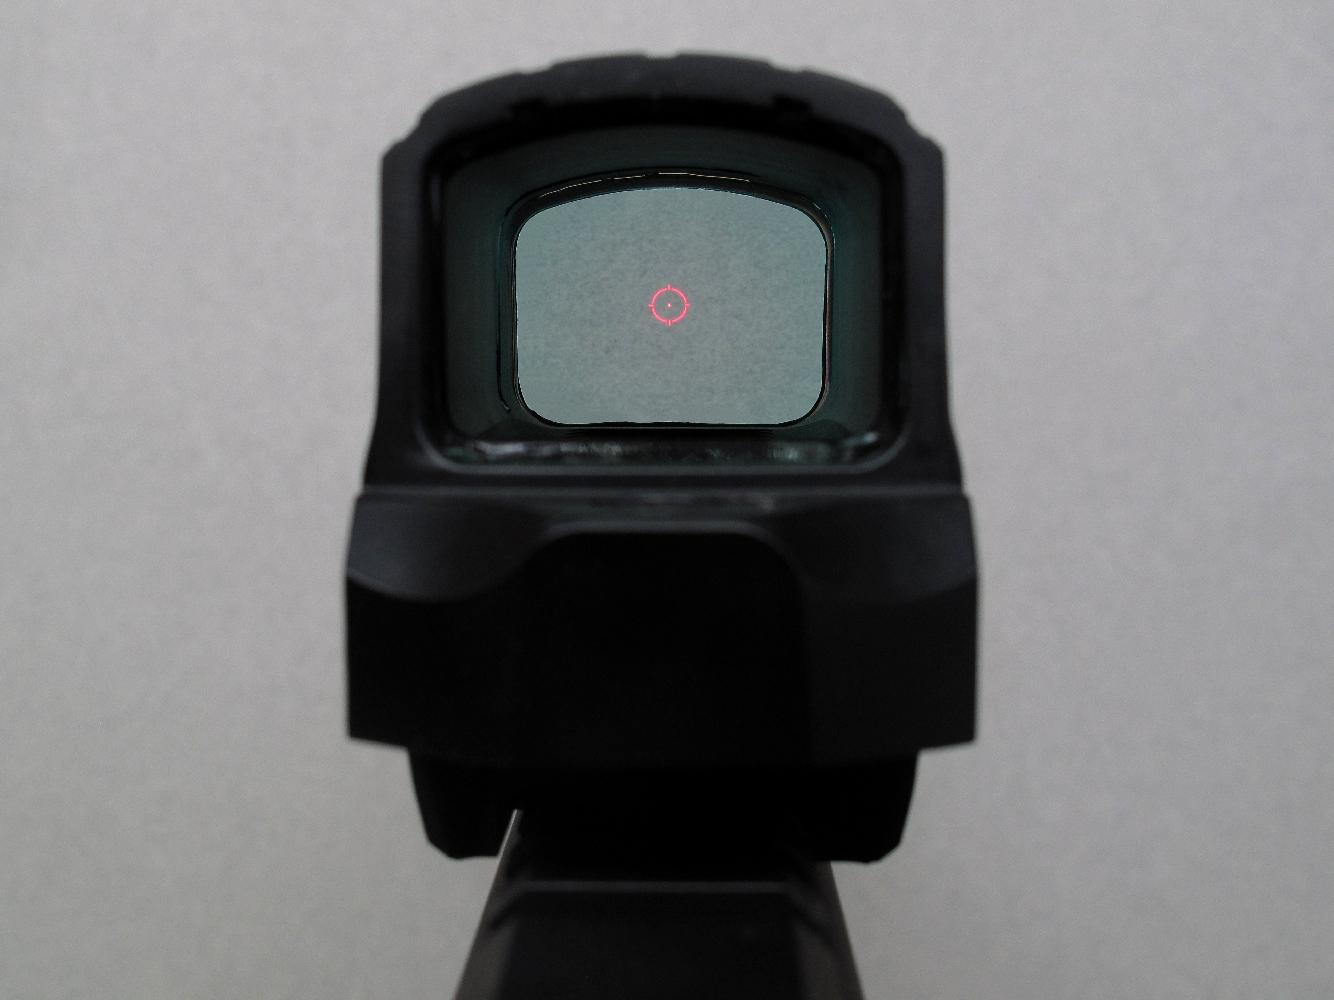 Le réticule lumineux se compose d'un point rouge de 2 MOA entouré par un cercle de 65 MOA.